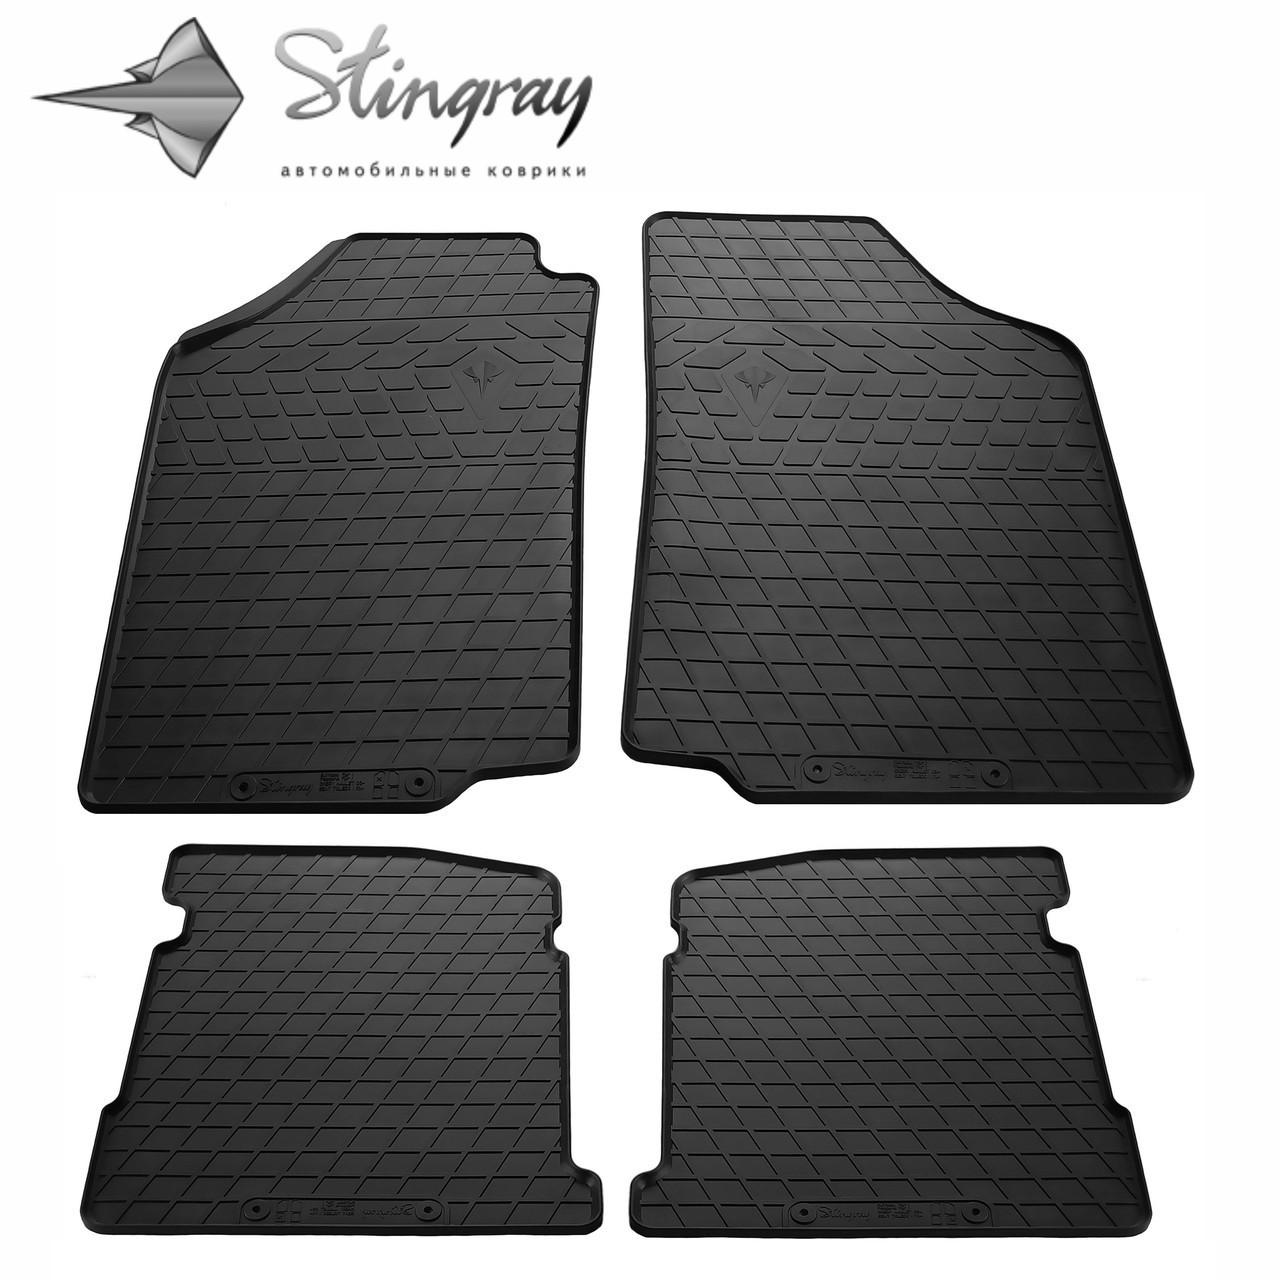 Автомобильные коврики для Chery Amulet 2003- Stingray